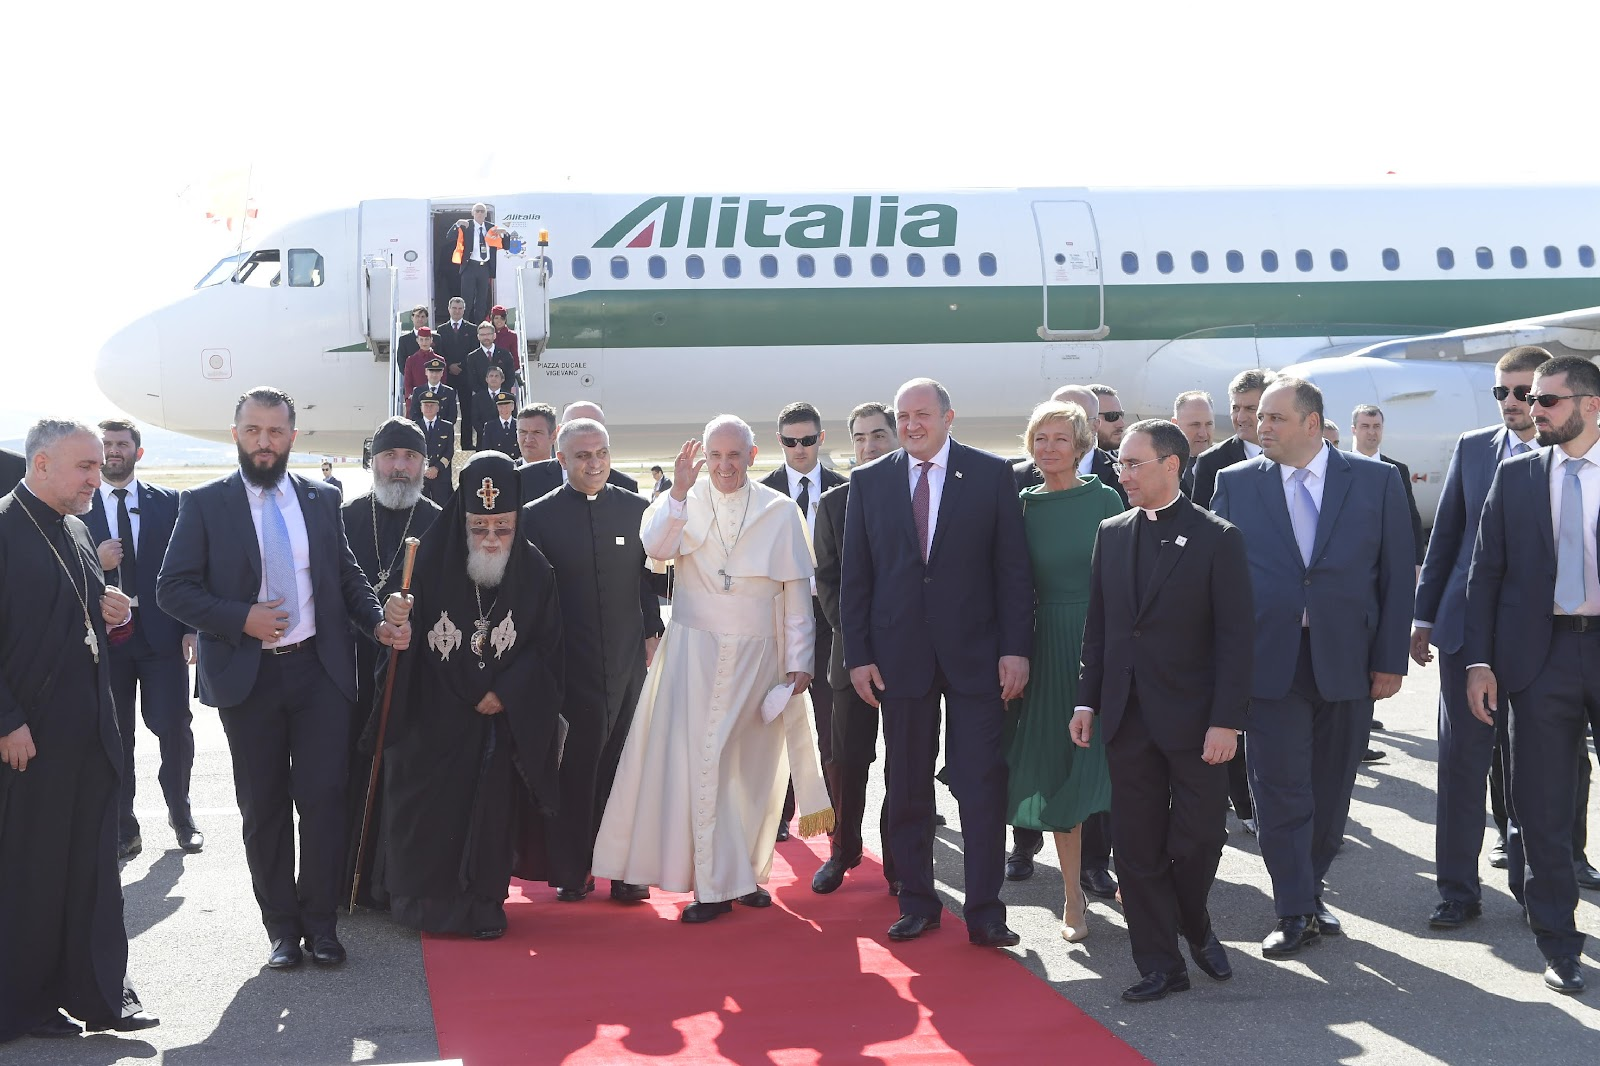 PHỎNG VẤN RIÊNG: Trước khi đáp chuyến bay giáo hoàng đi các Tiểu Vương quốc Ả-rập Thống nhất, ZENIT có cuộc nói chuyện với Đại diện Tông tòa của Nam Ả-rập Đức Giám mục Phaolô Hinder